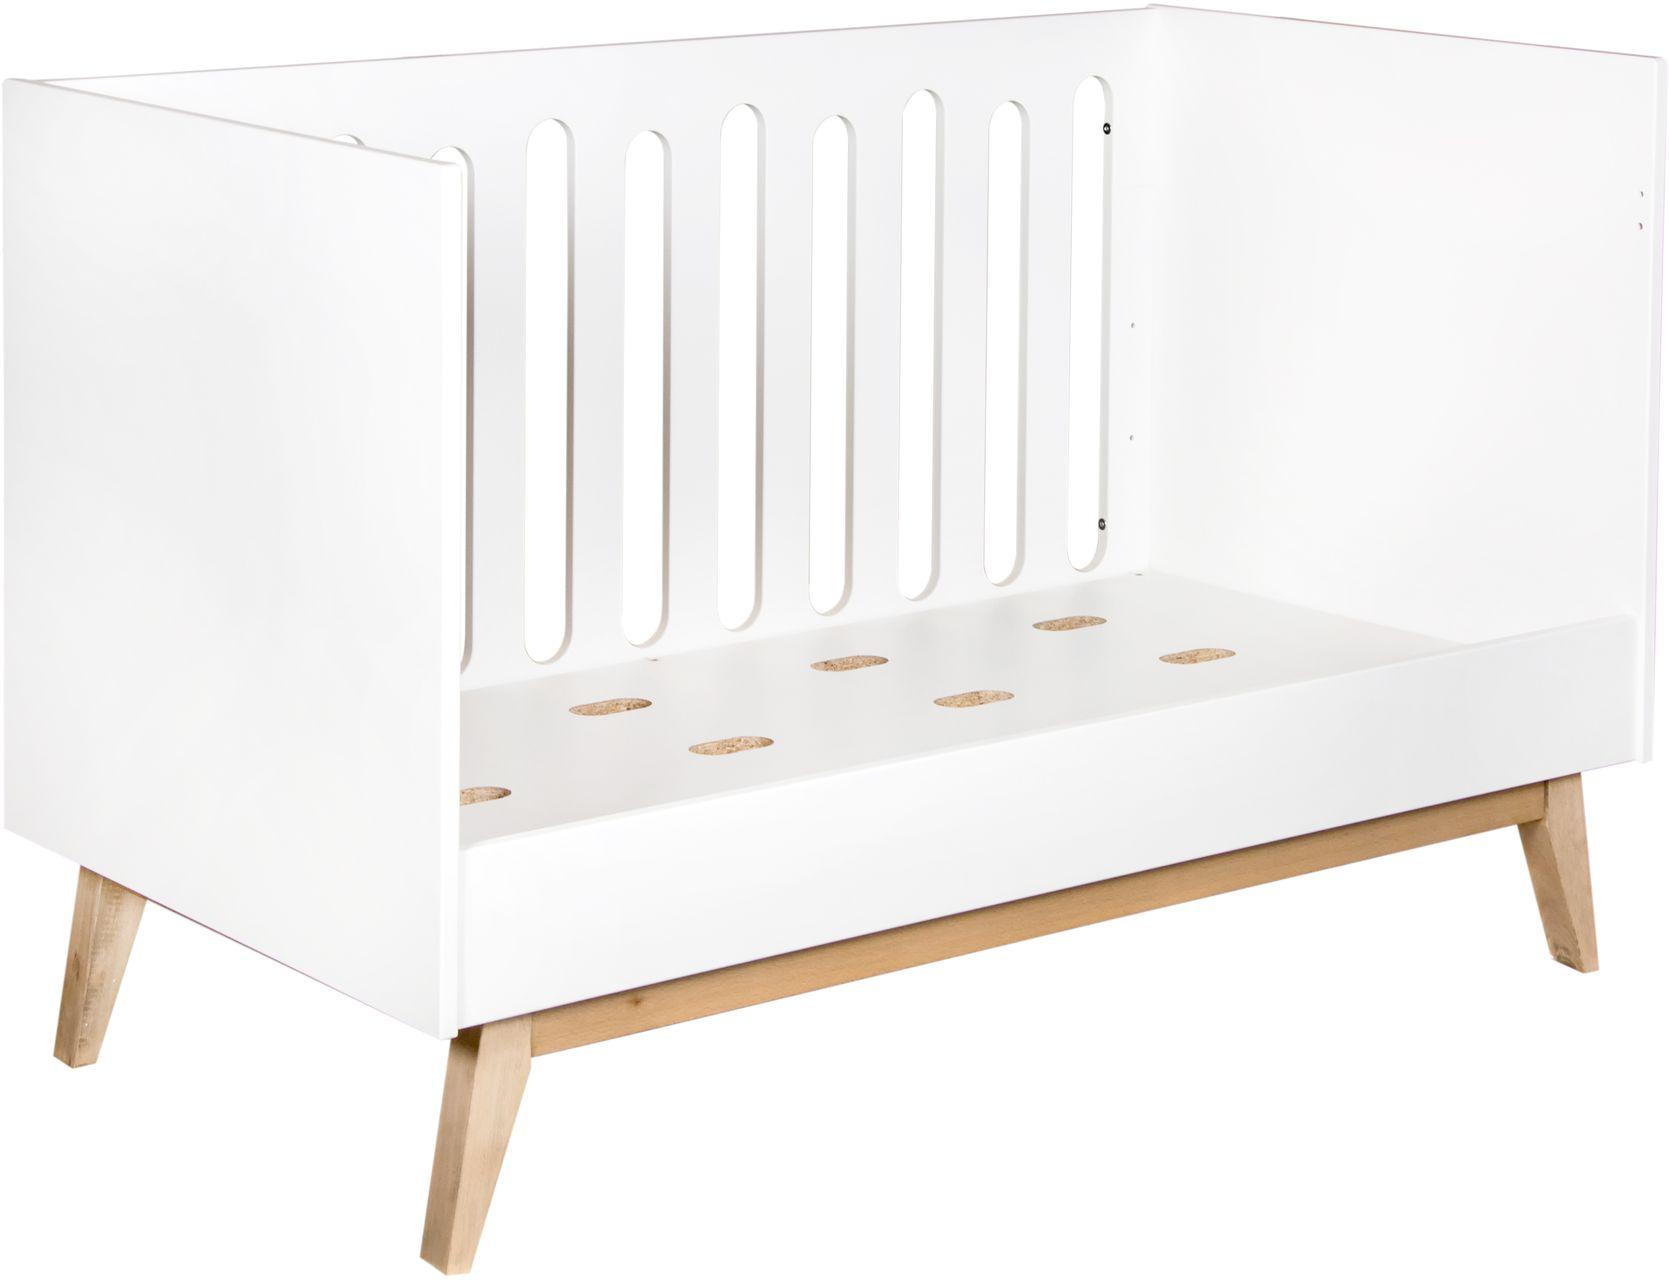 Quax Umbaubett Trendy Weiß 70x140 cm in Berlin kaufen - Kleine Fabriek